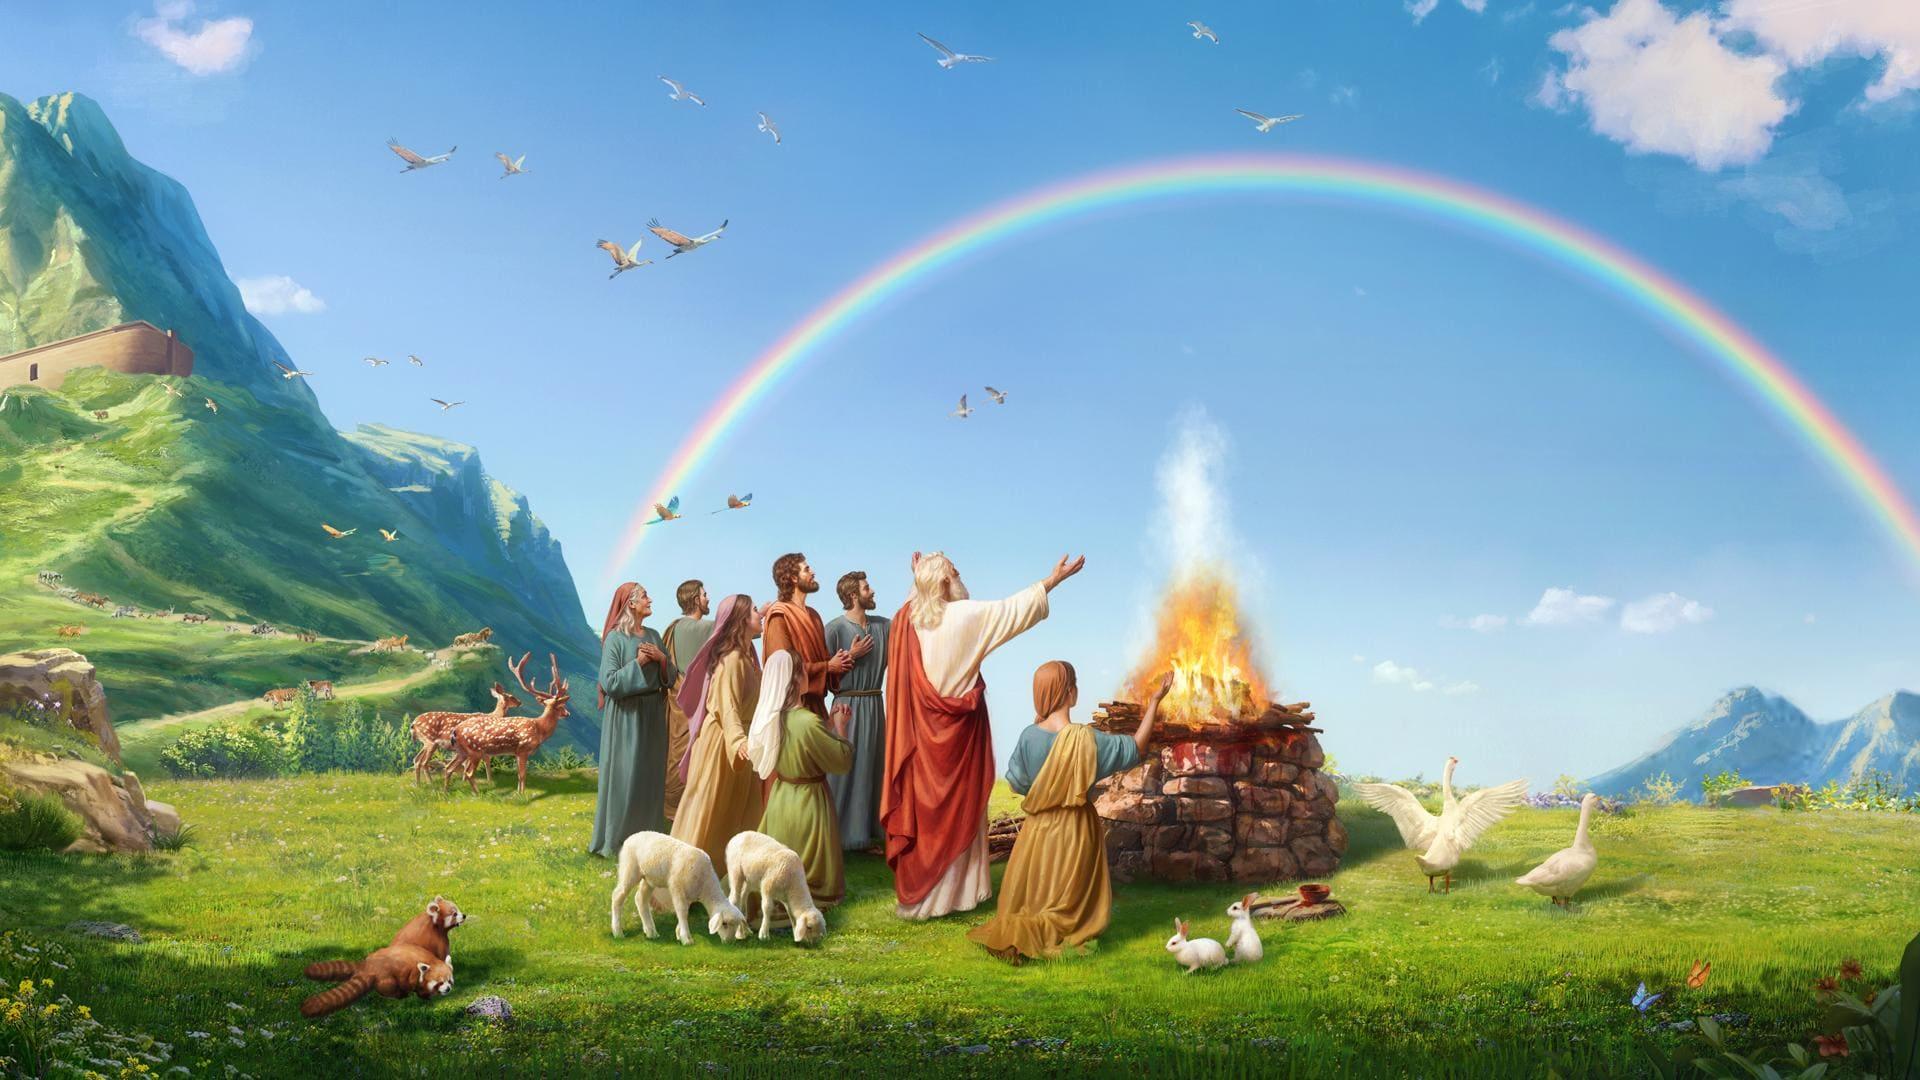 قوس قزح في الكتاب المقدس | الله يجعل قوس قزح رمزًا لعهده مع الإنسان (أ)